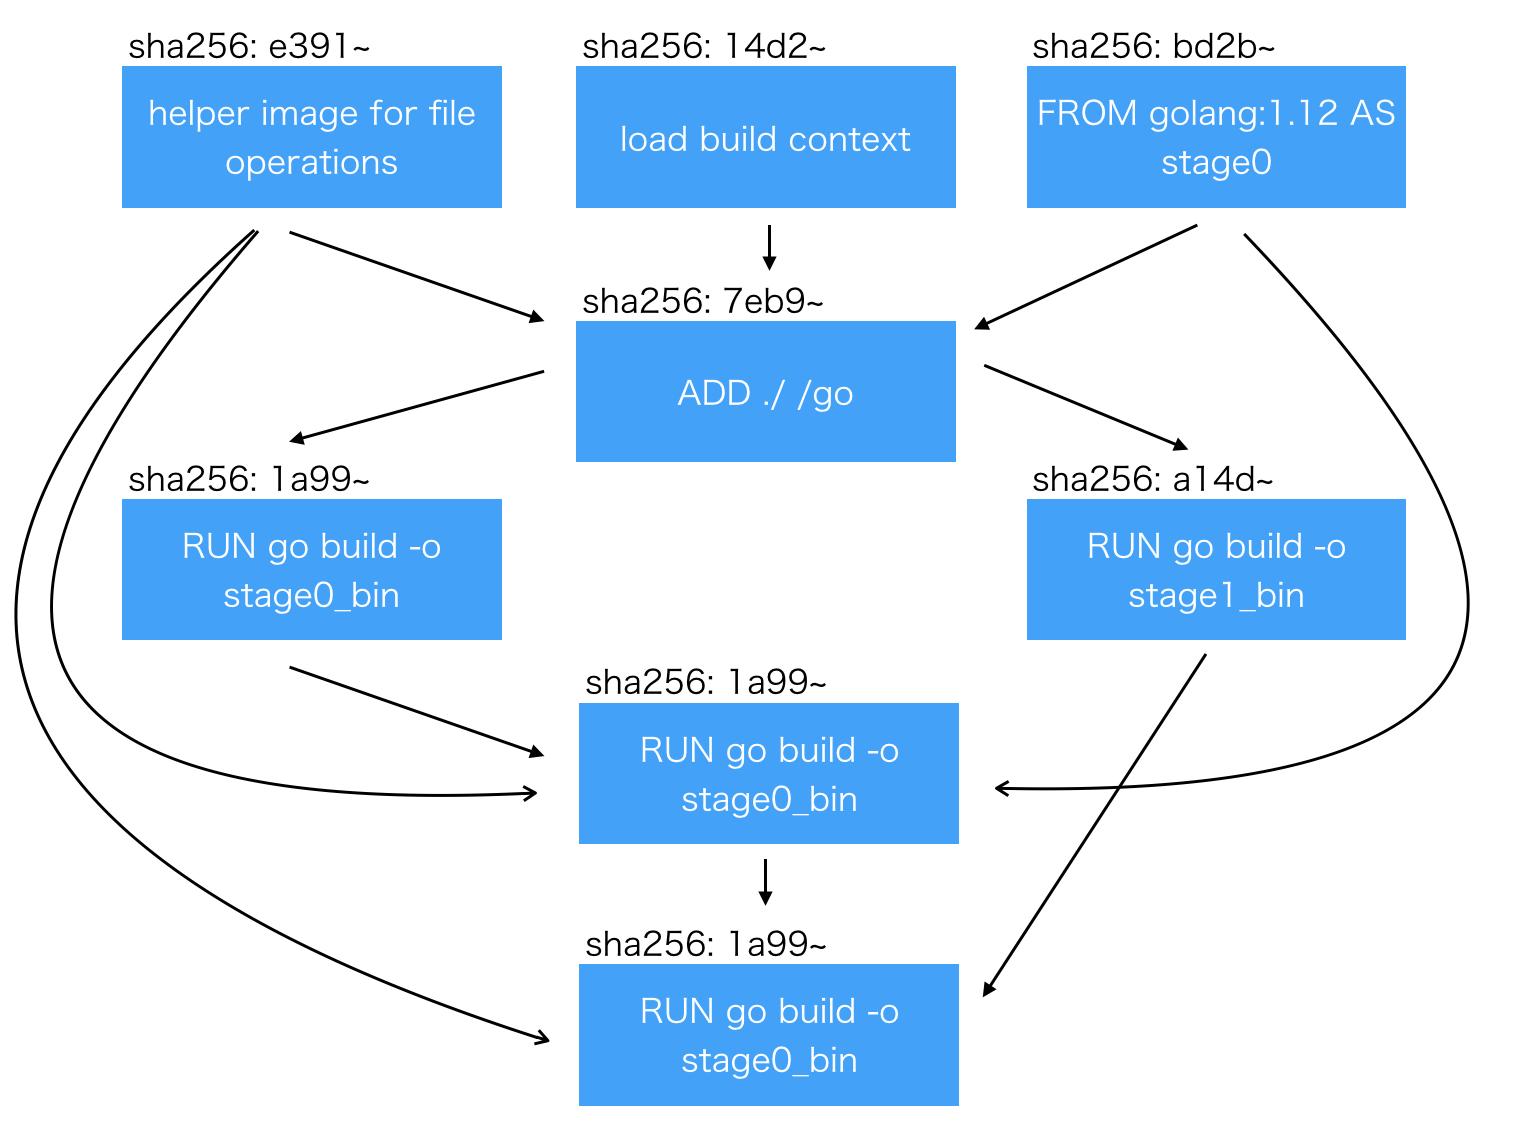 Dockerに統合されたBuildKitのLLB (low-level builder)の仕様を探ってみよう